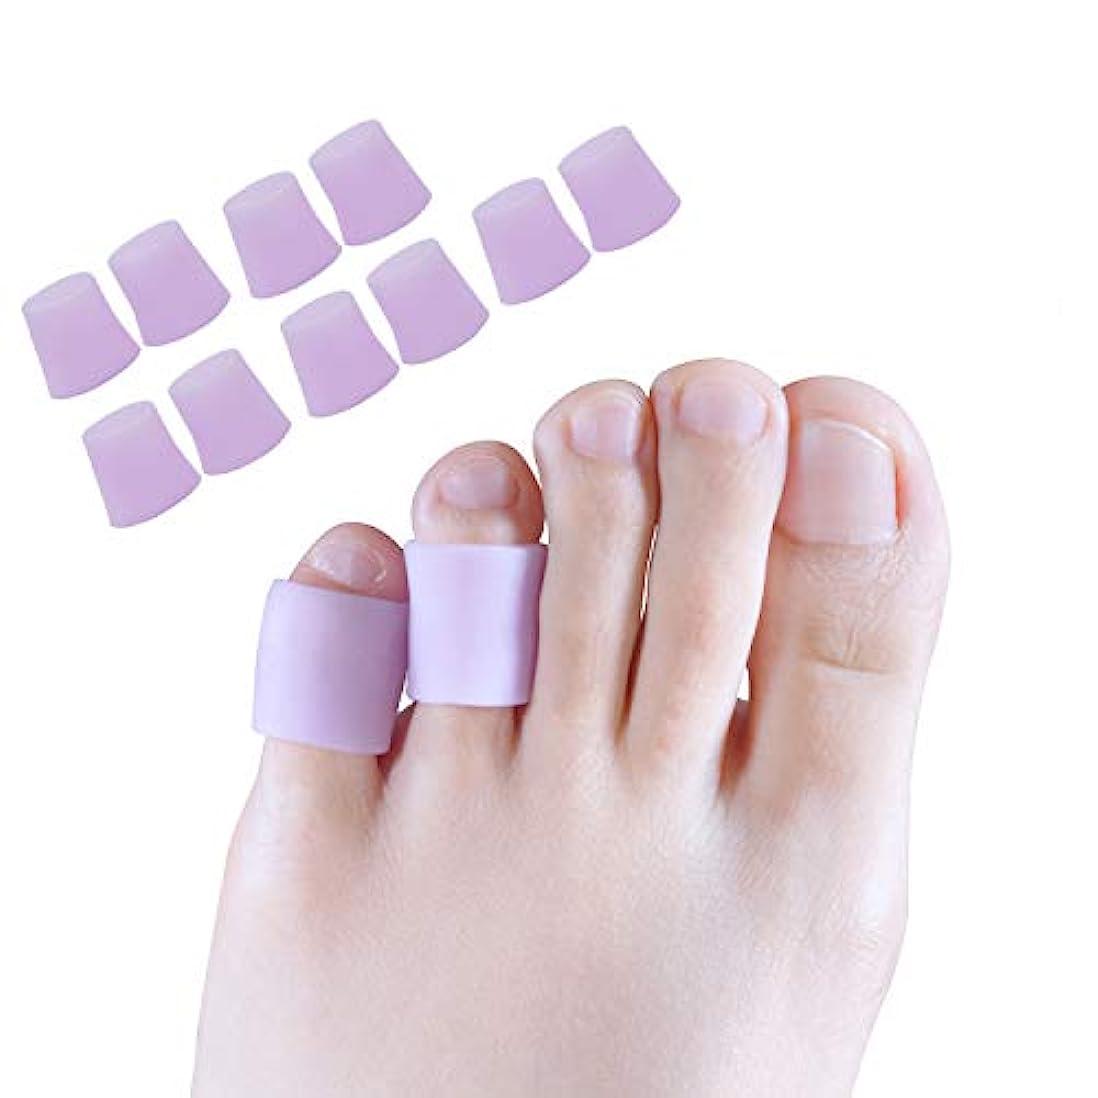 採用悲観主義者減少Povihome 足指保護キャップ, 足指 足爪 保護キャップ 小指 5ペア,足の小指保護,パープル